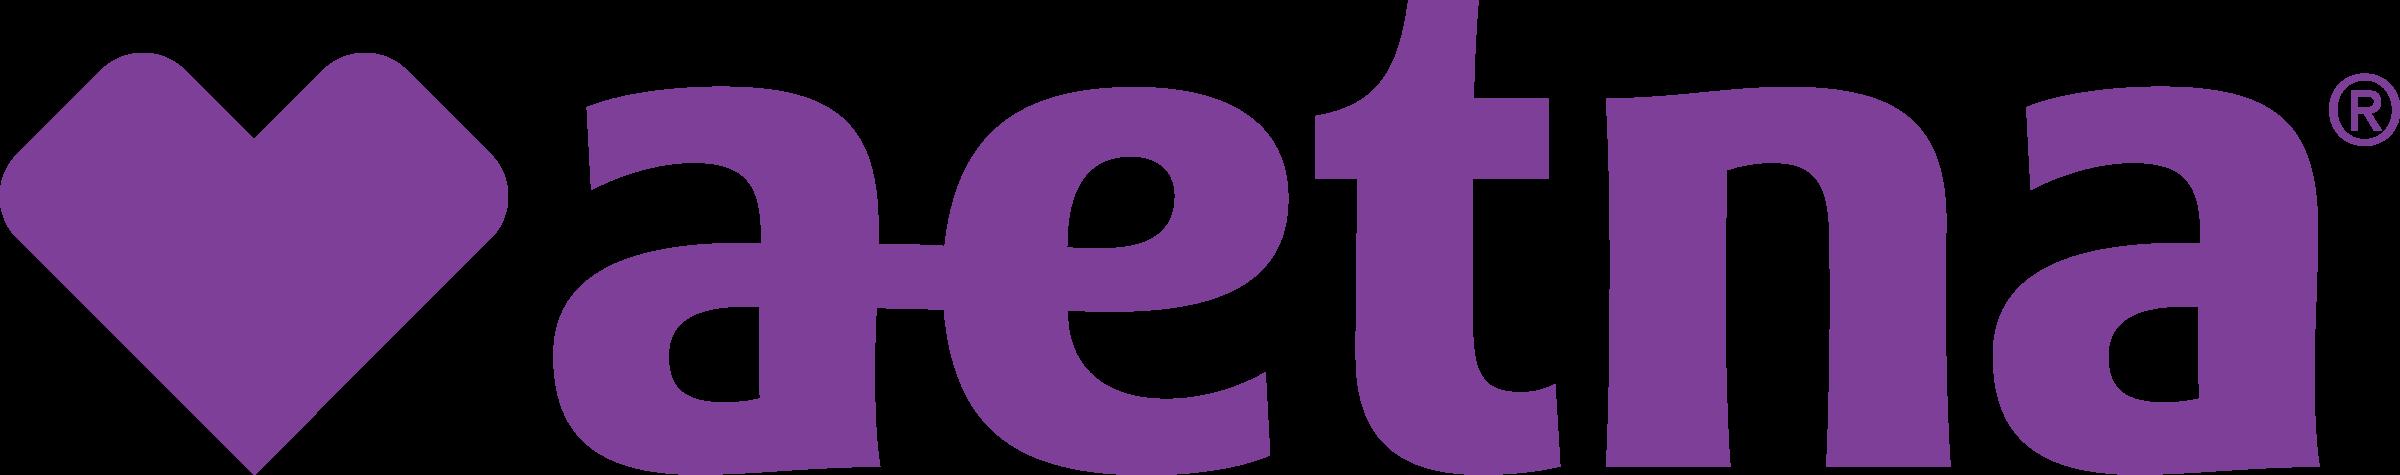 1_Aetna_logo_sm_rgb_vio